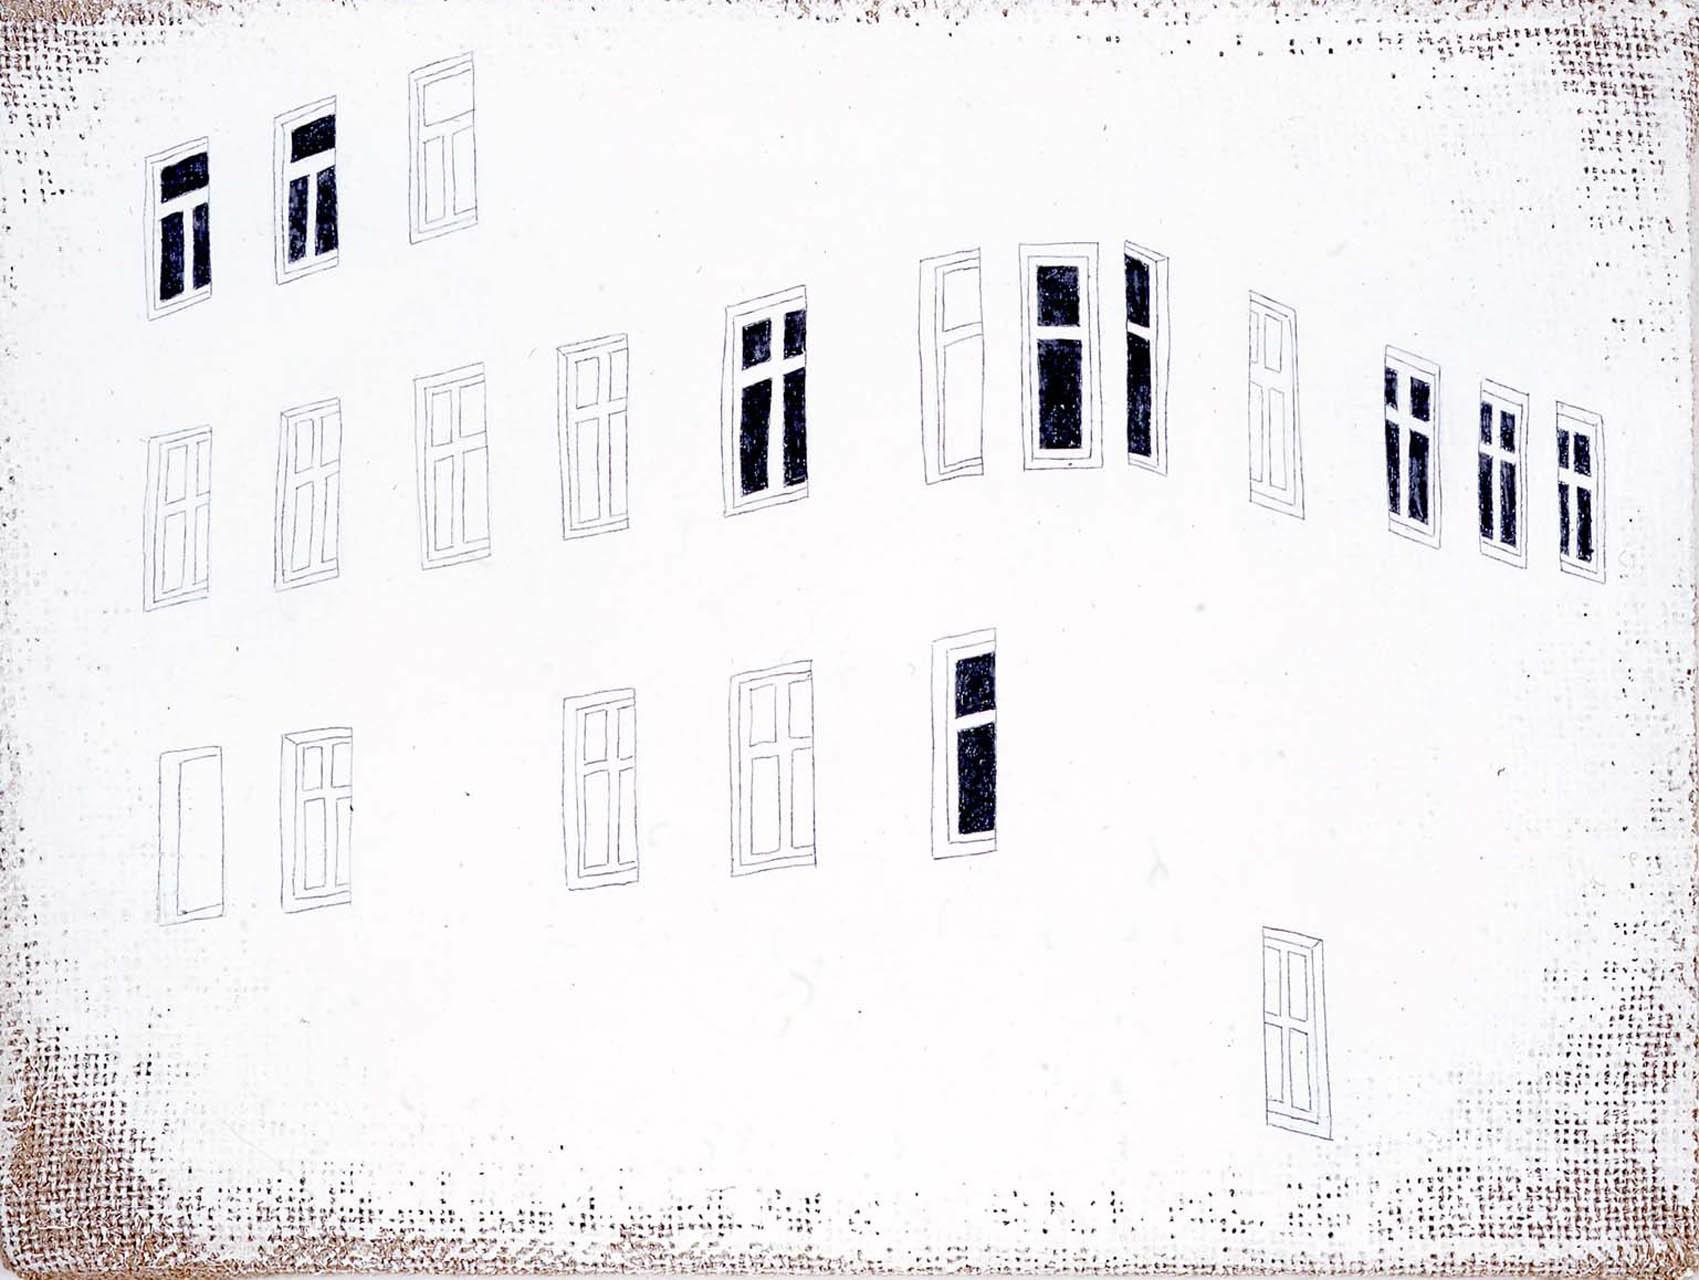 """<div class=""""artwork_caption""""><p>Wednesday October 19, 2005</p></div>"""